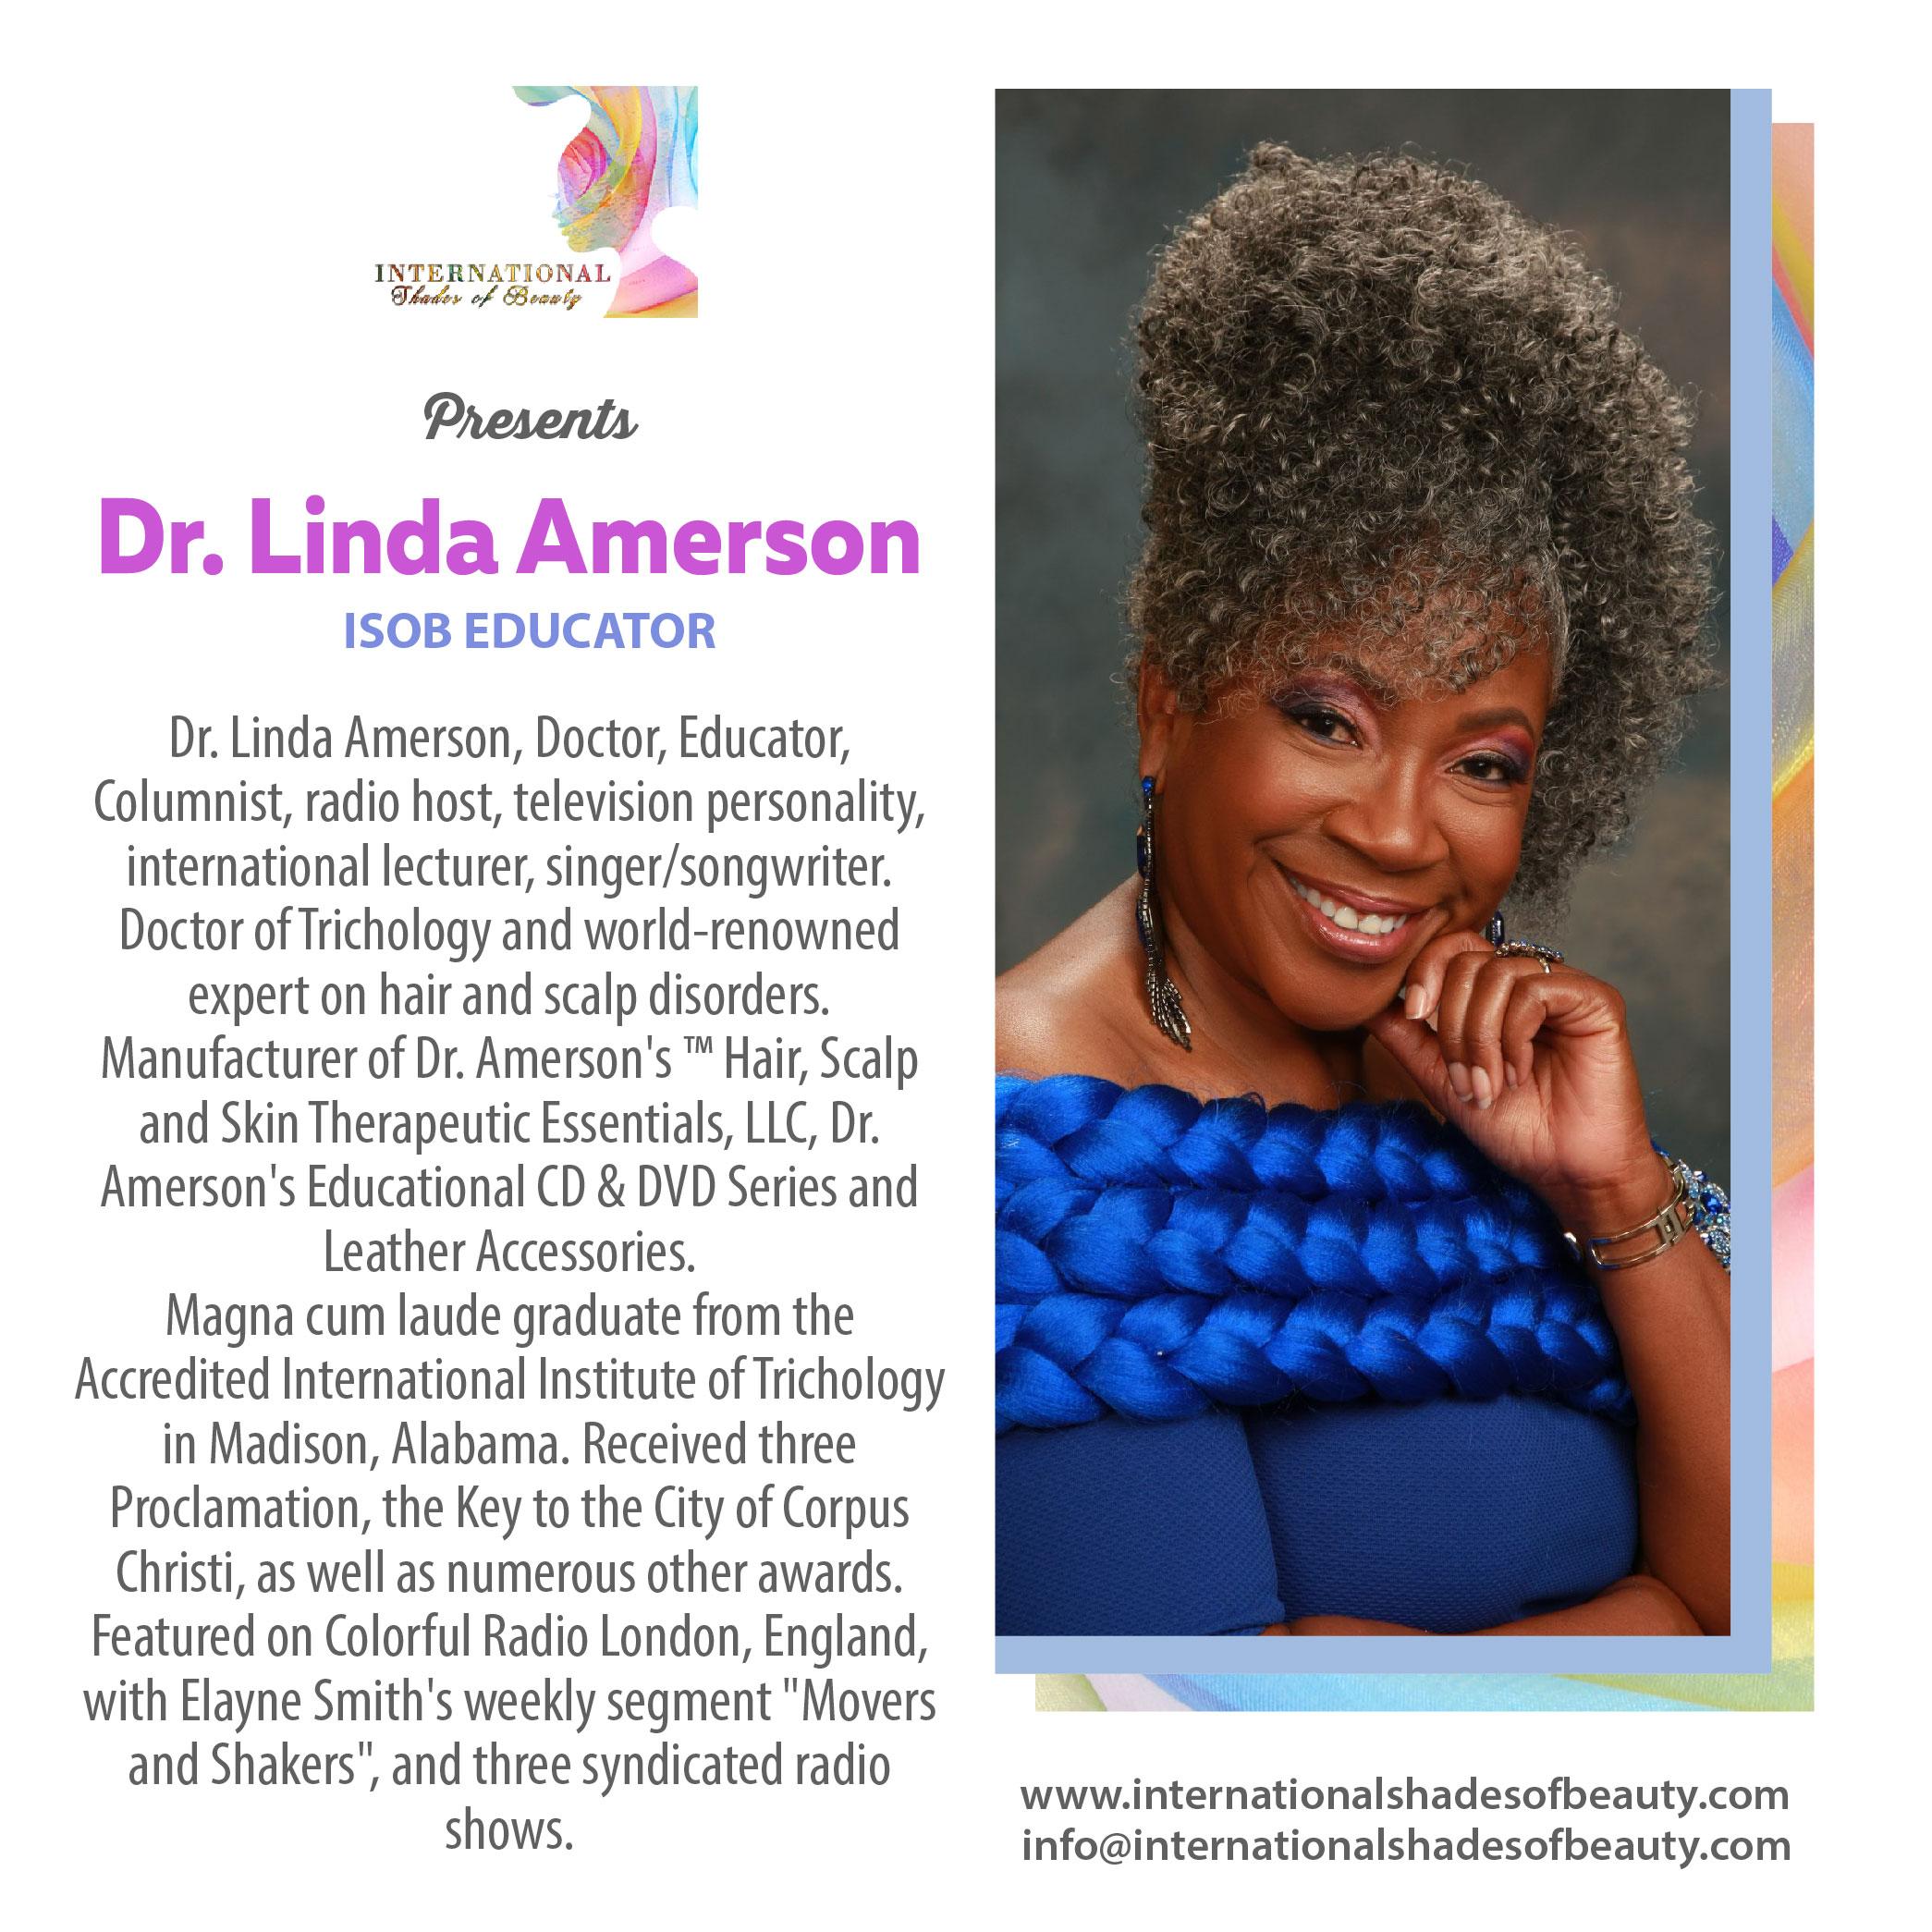 ISOB•_Dr. Linda Amerson